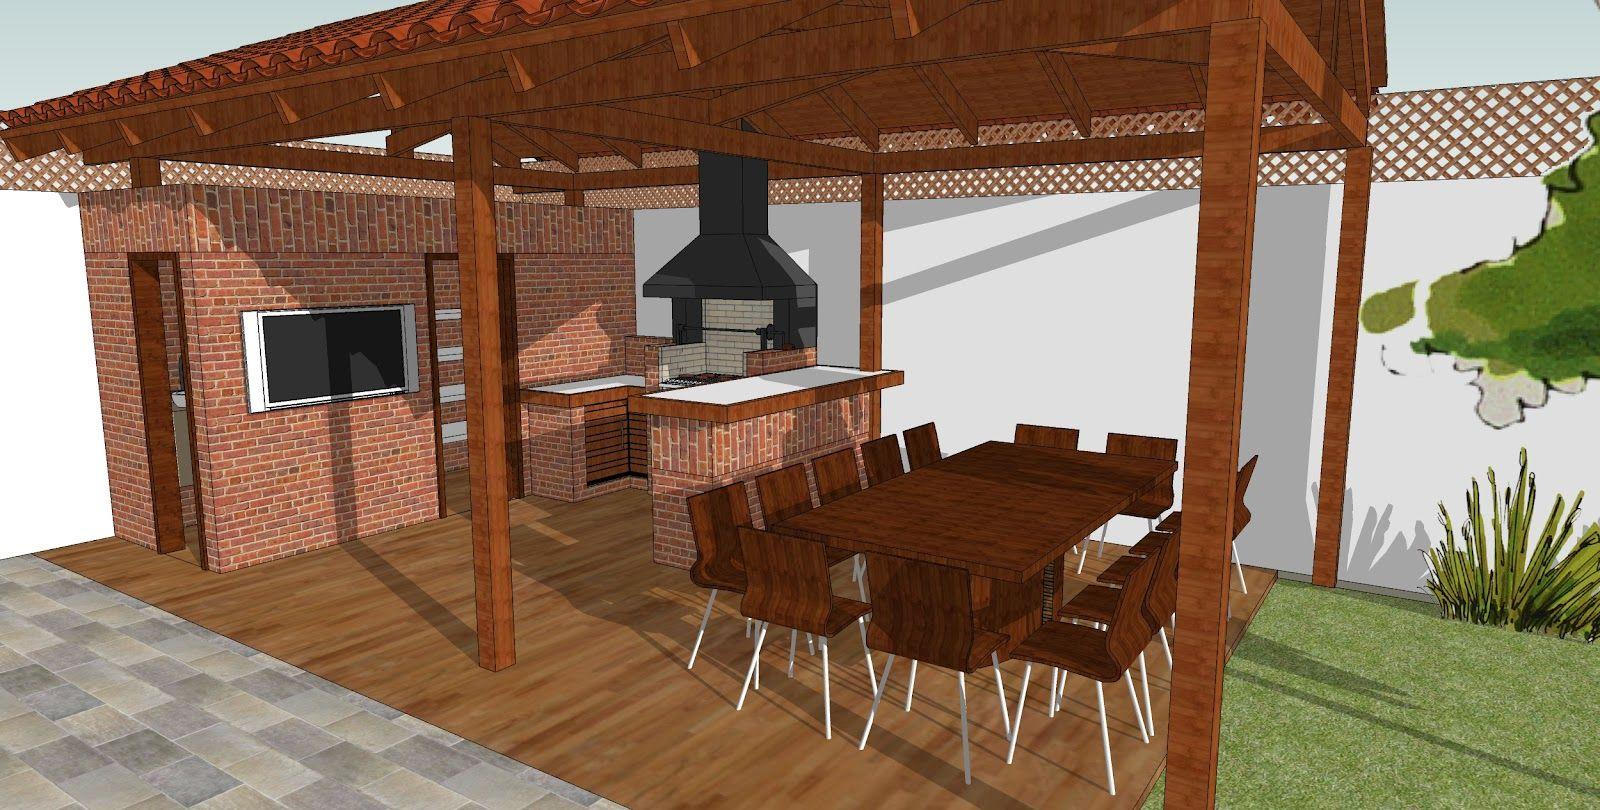 Dise os de asadores para terrazas buscar con google dise o de jardin pinterest searching - Diseno de terraza ...